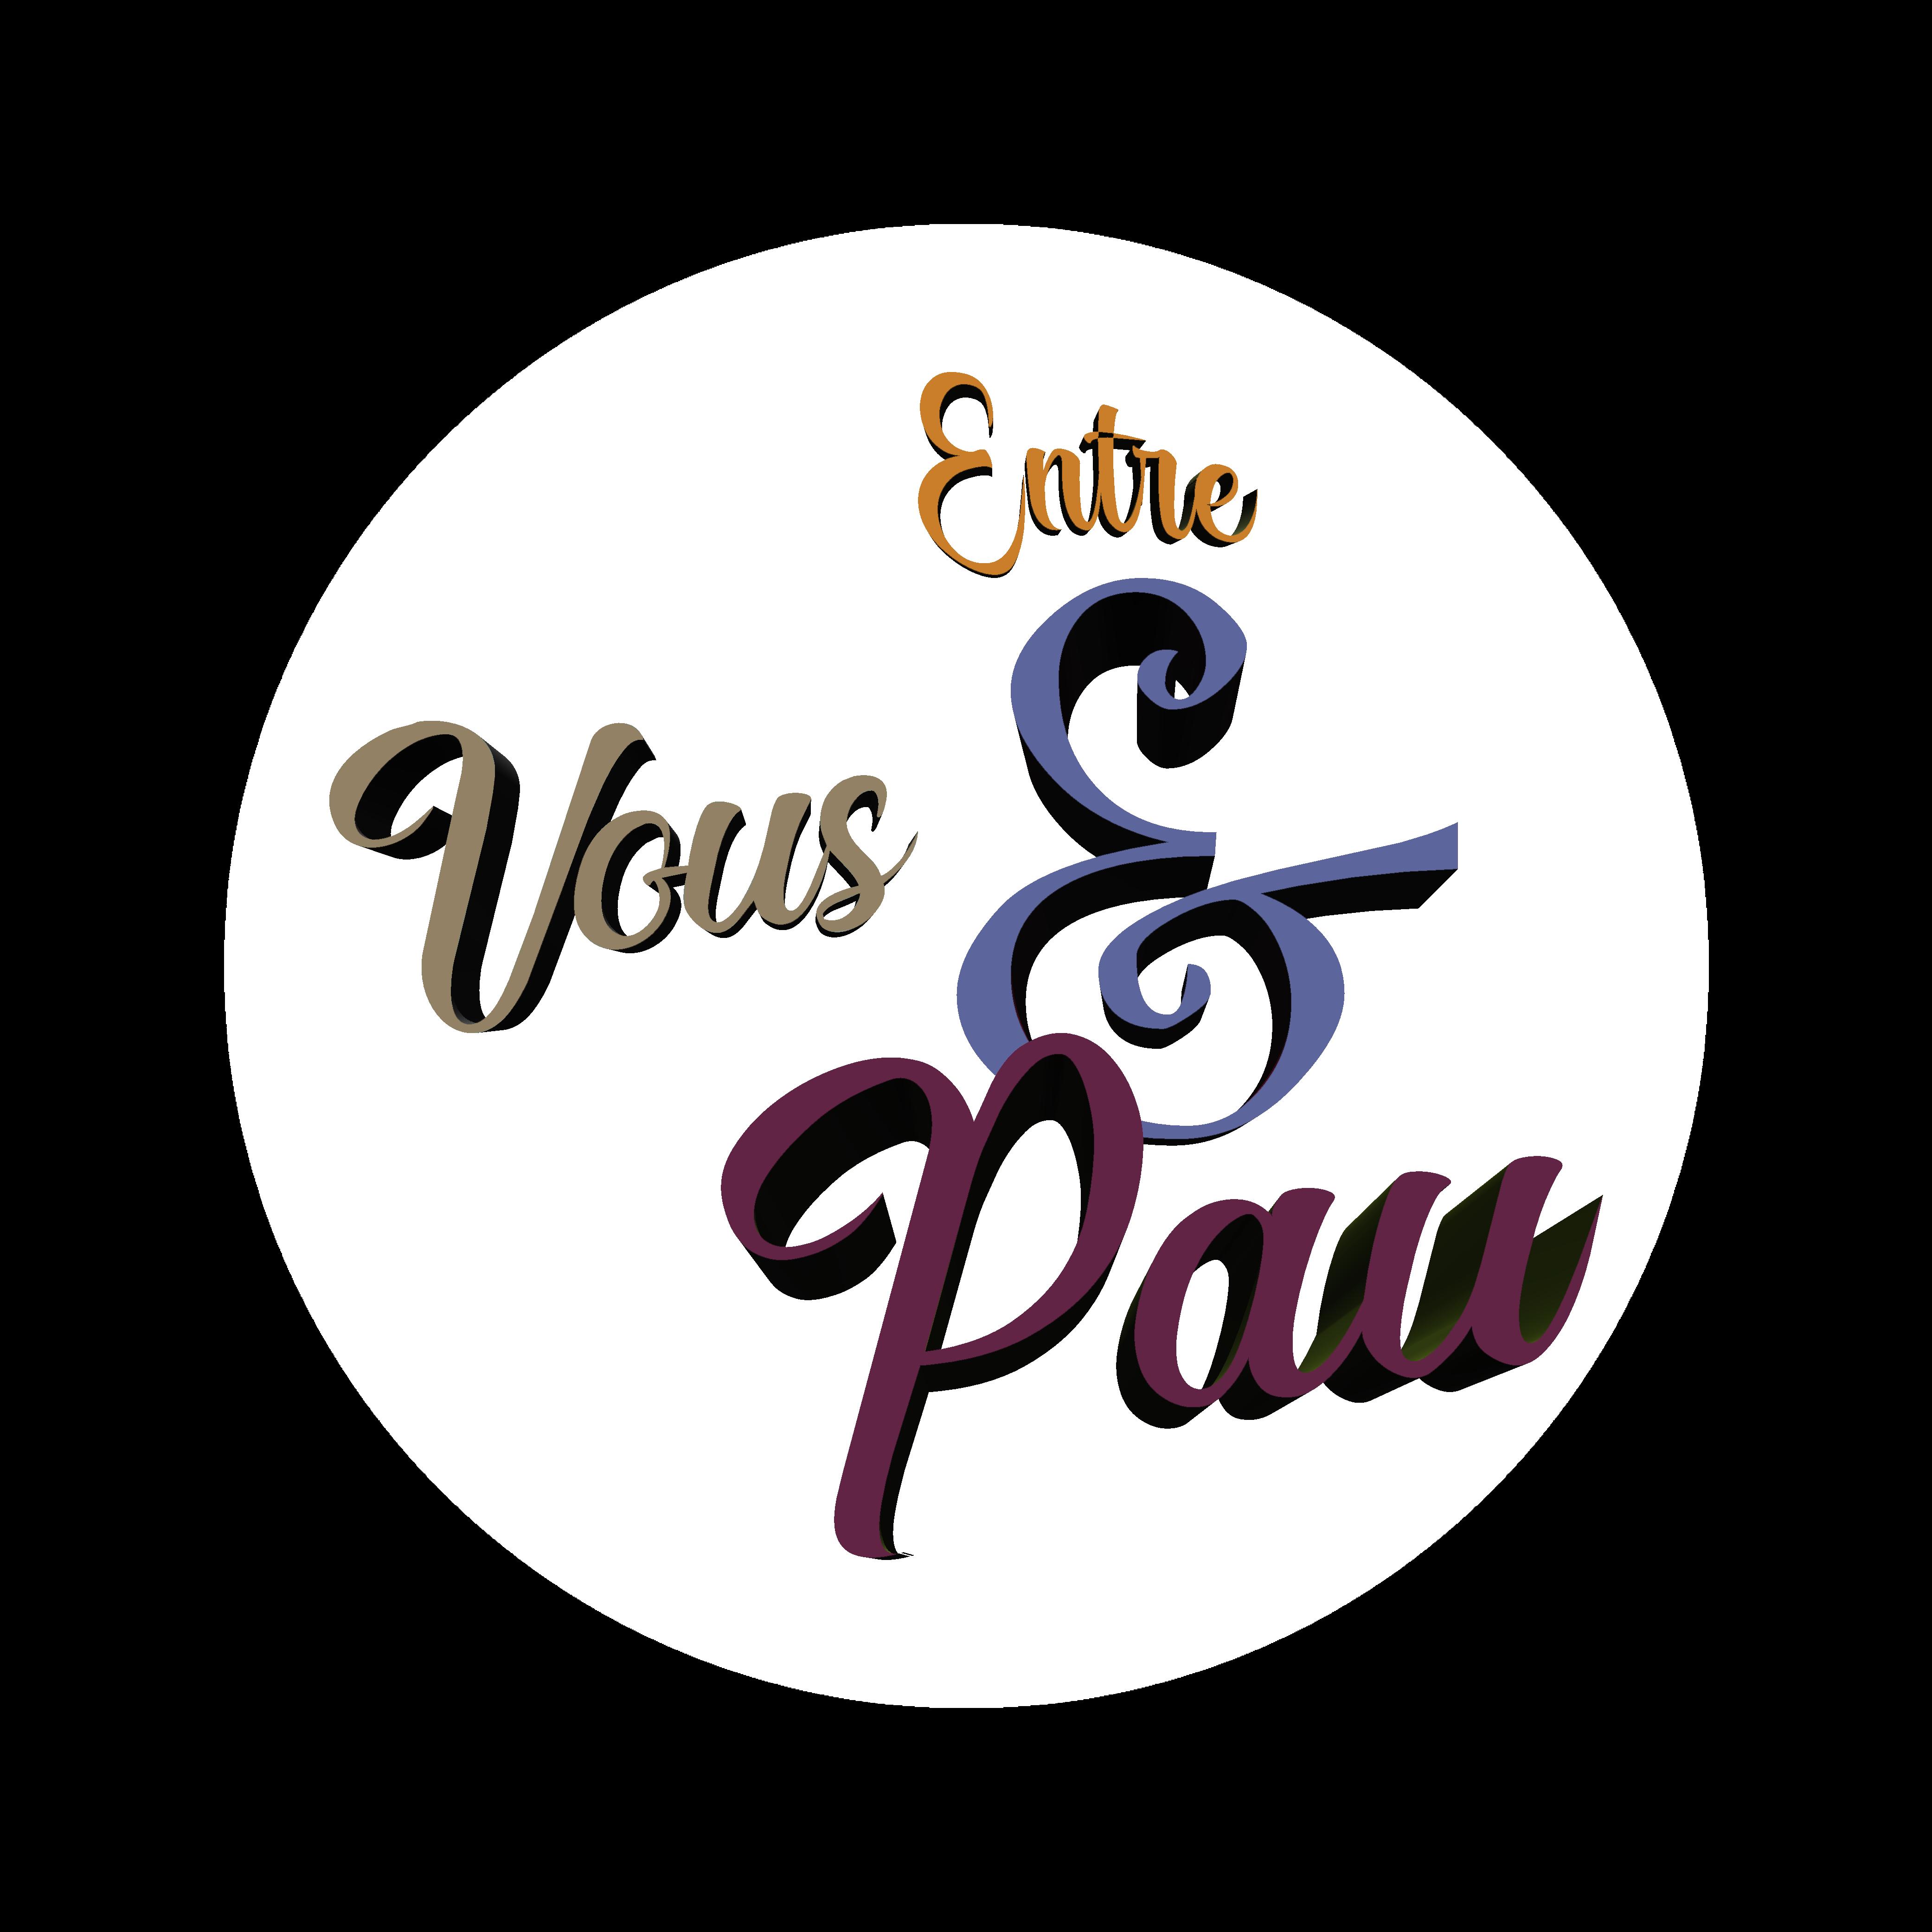 Entre Vous & Pau